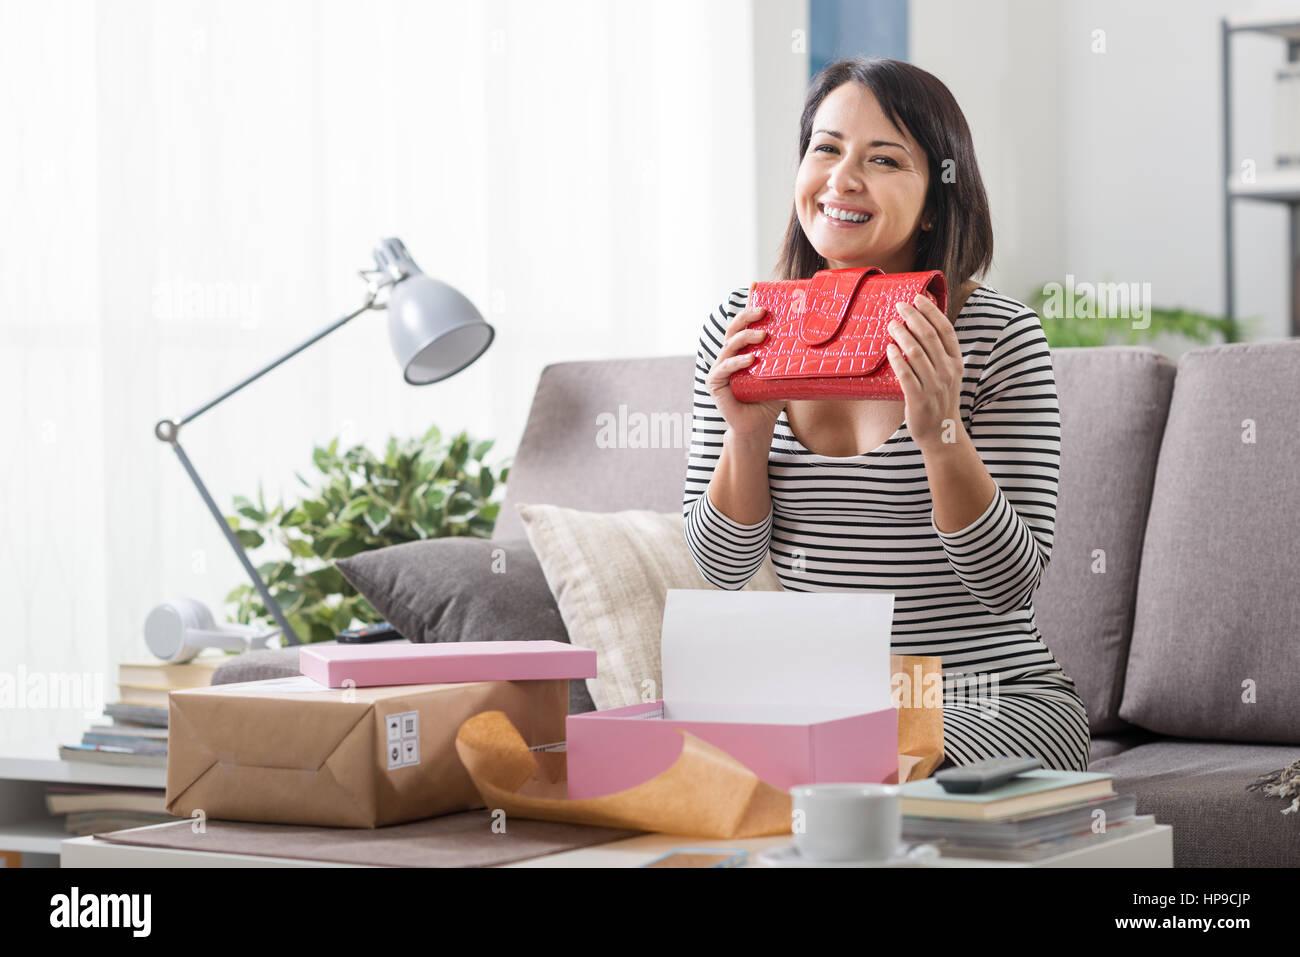 07cceac0dc44 Donna felice unboxing un pacco contenente un sacco di moda, shopping online  con tempi di consegna e la soddisfazione del cliente concetto